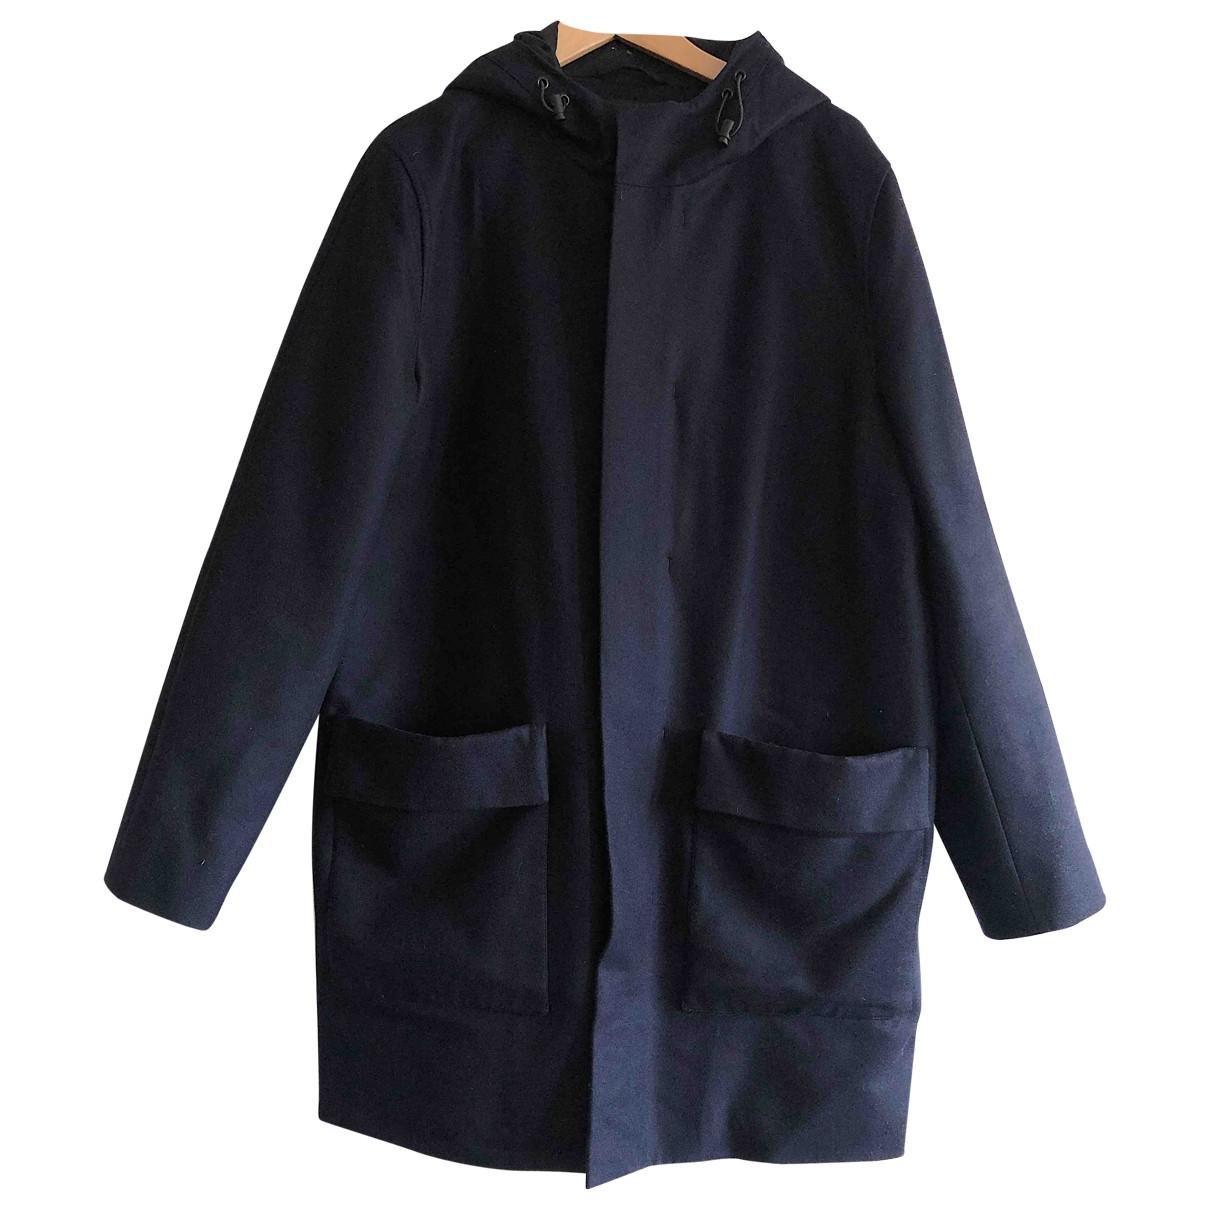 Cos \N Navy Wool coat  for Men M International